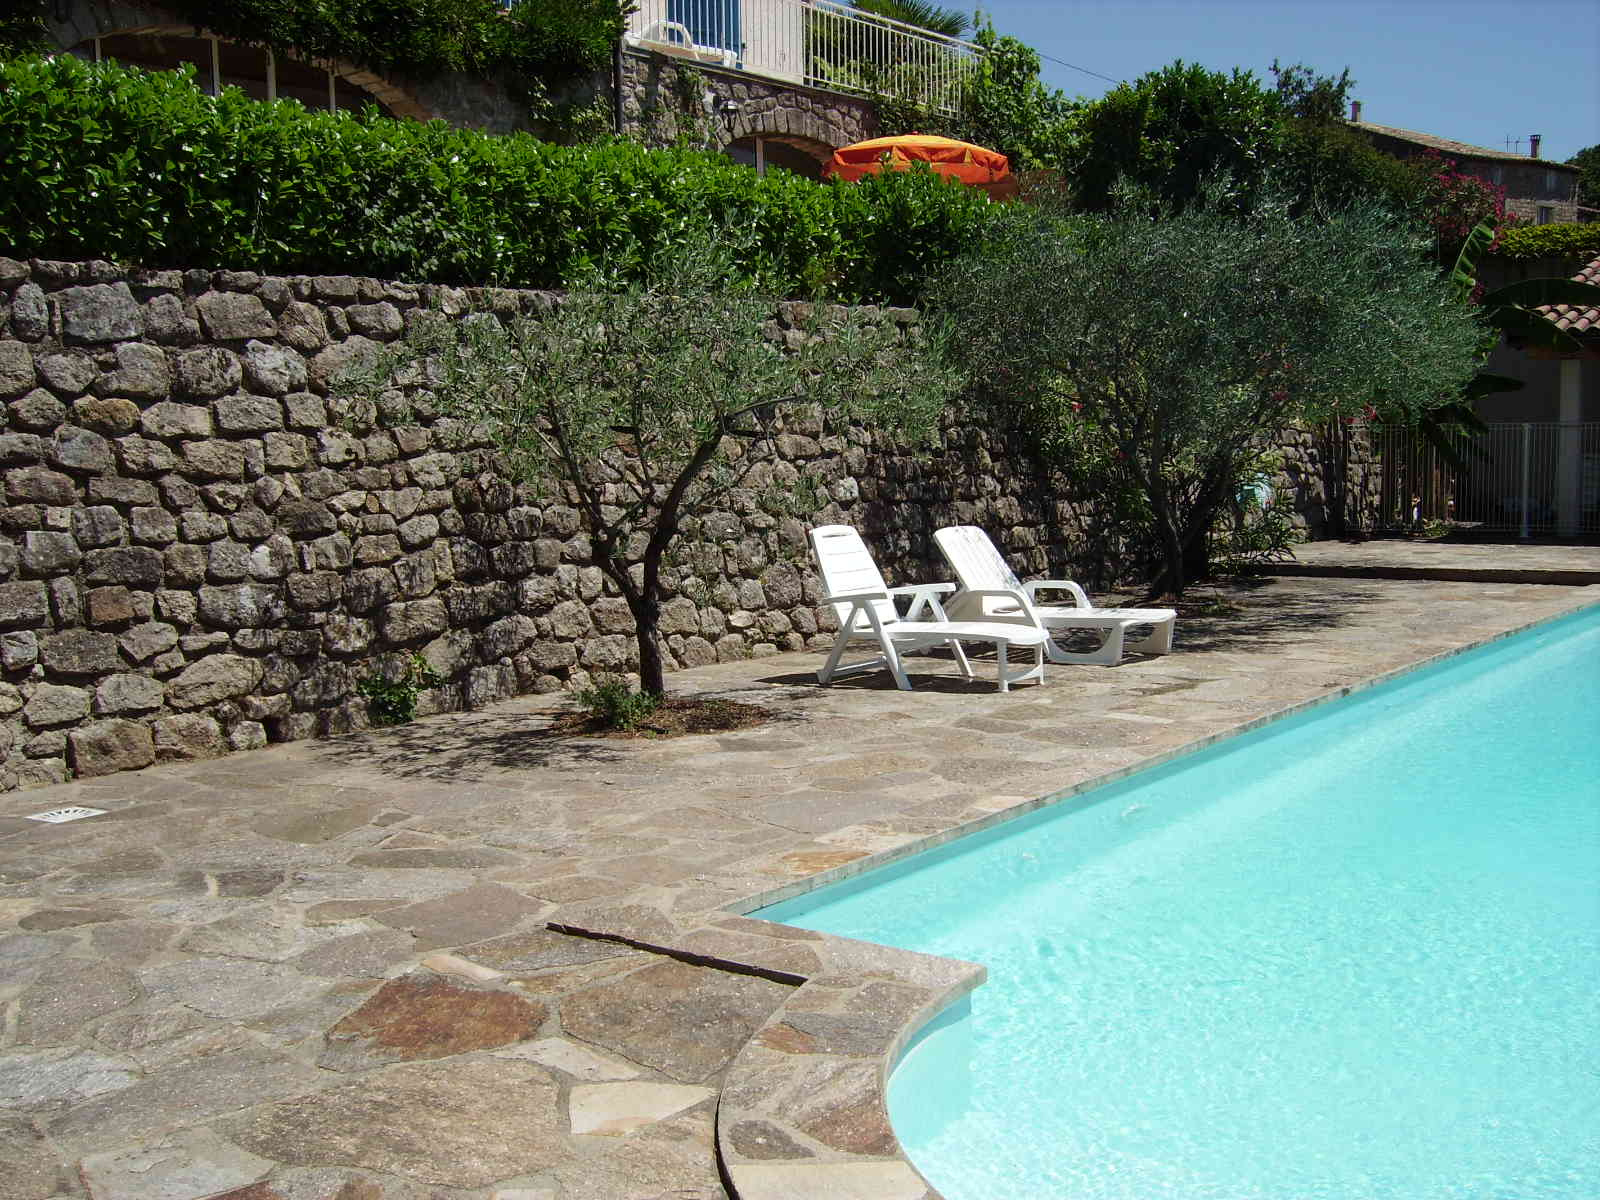 Ardèche Du Sud ; Gîte Tout Confort, Piscine... À Joyeuse dedans Vacances En Ardèche Avec Piscine